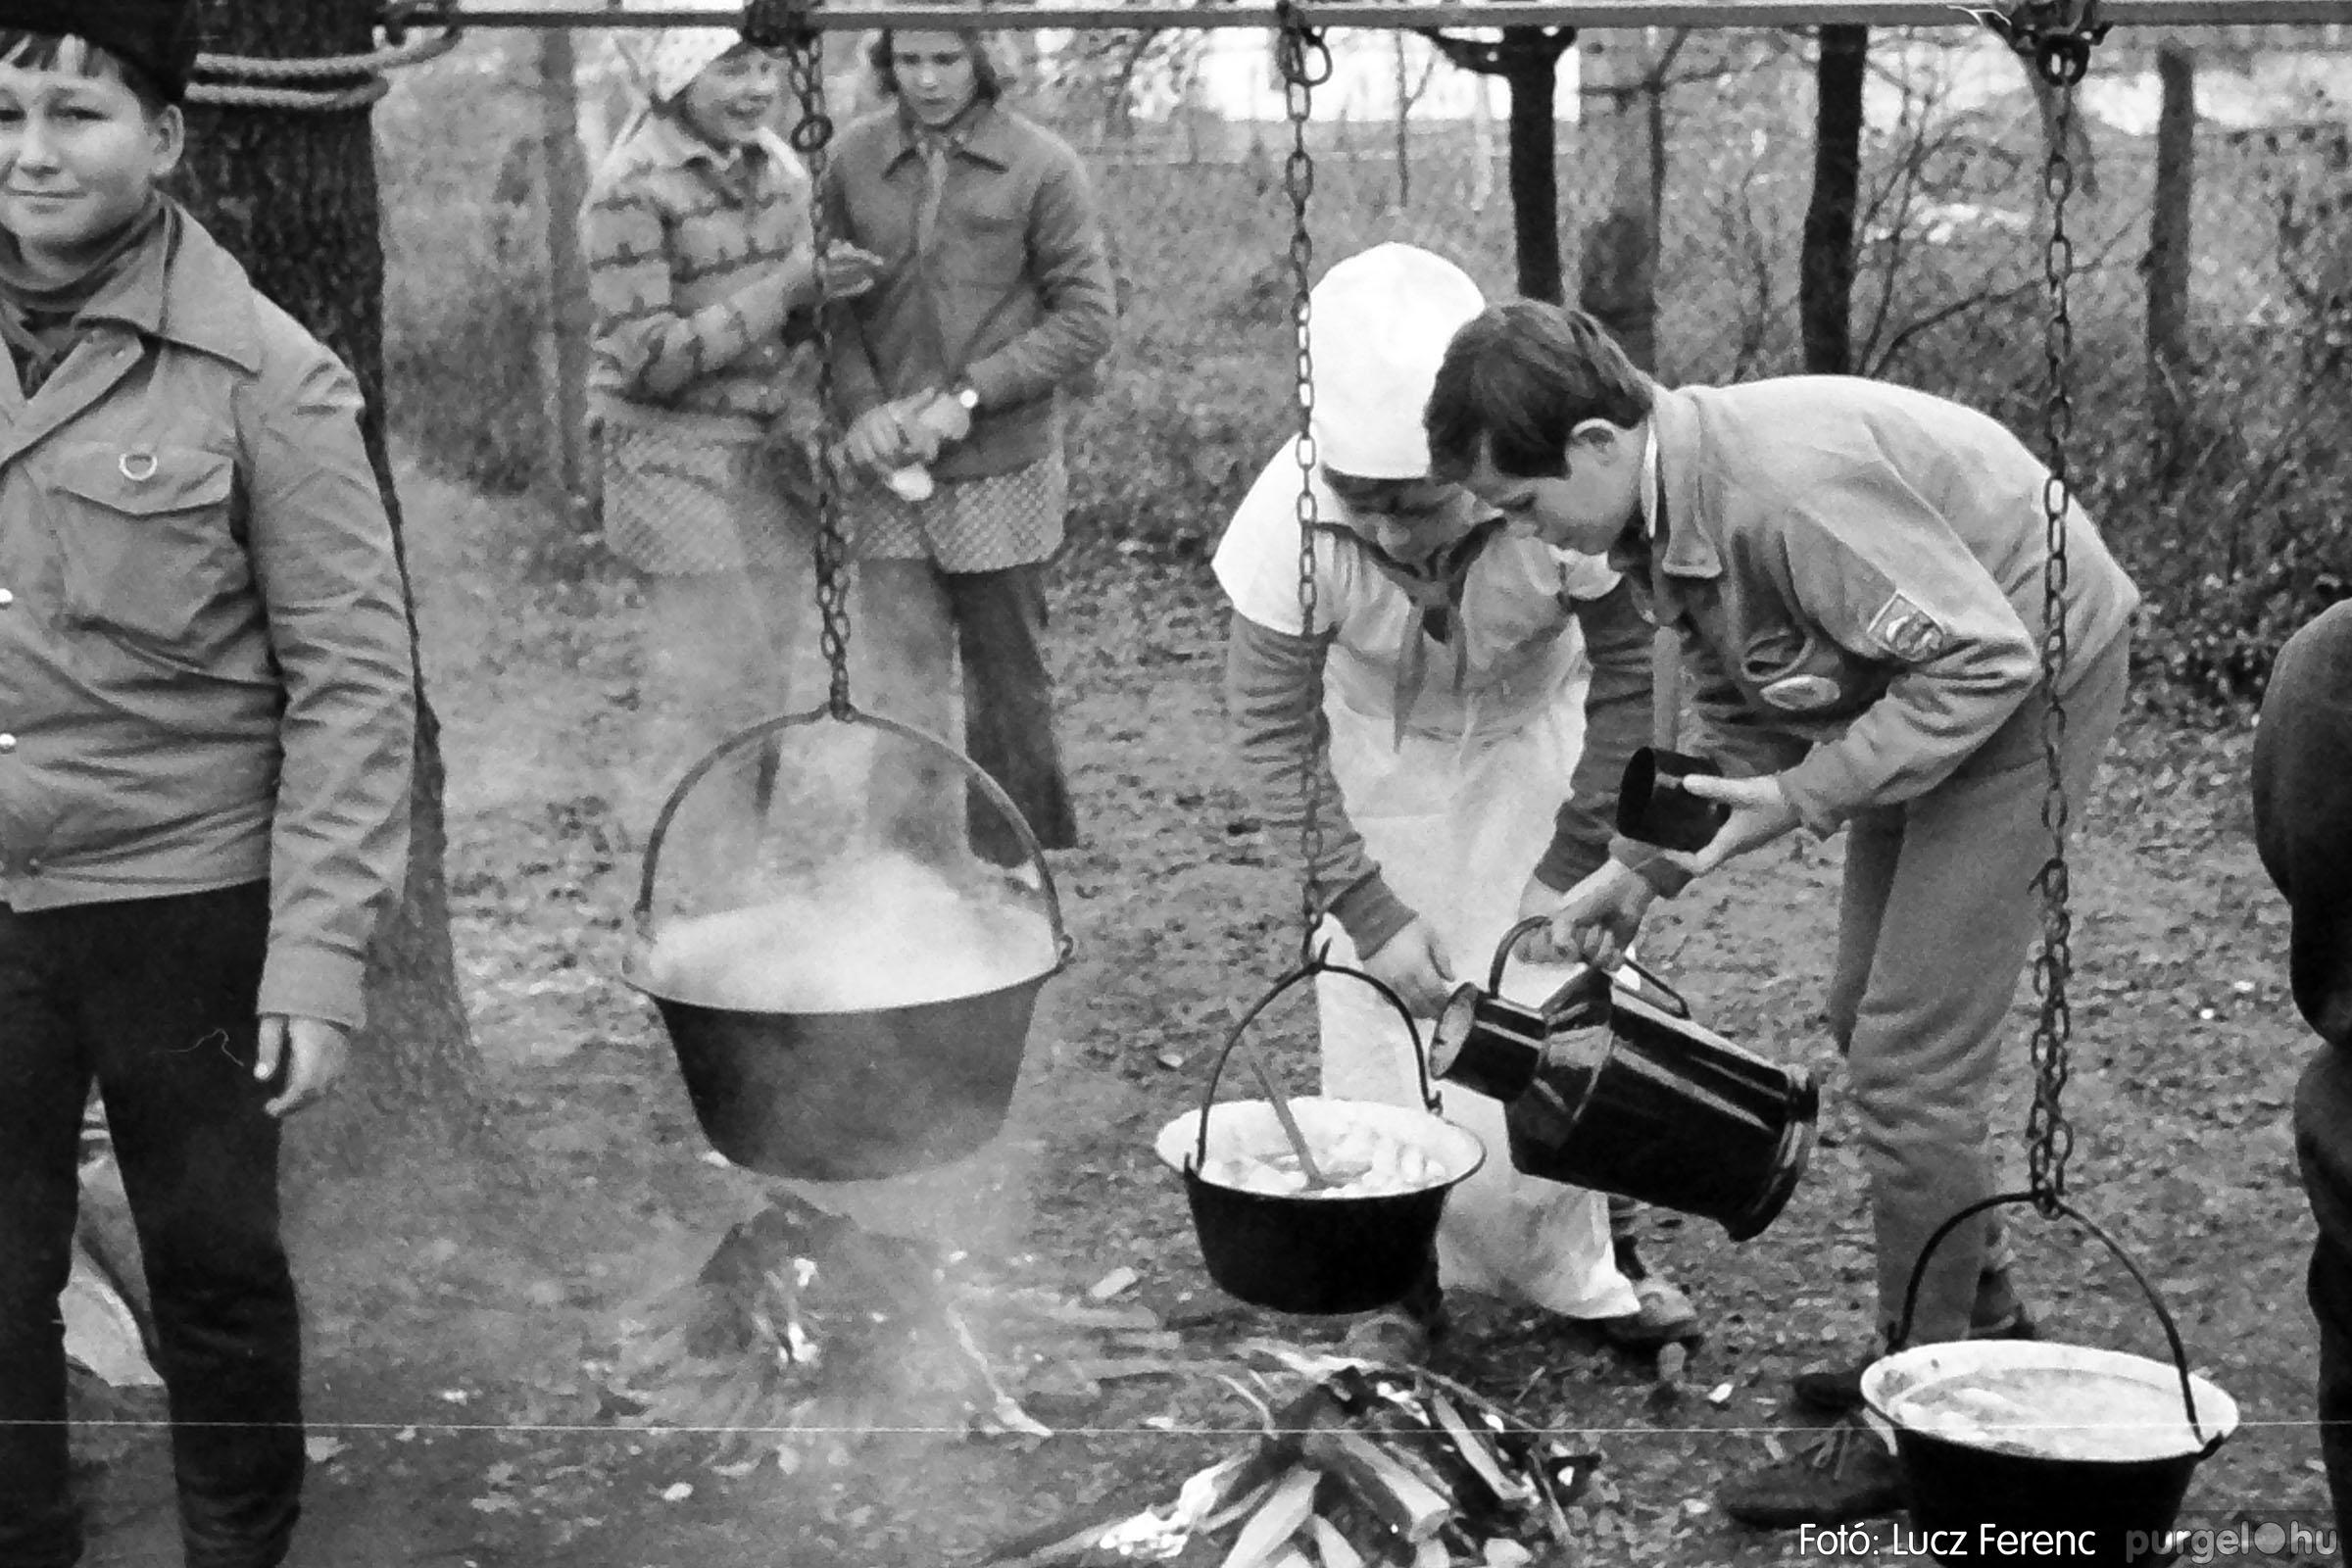 004A 1970-es évek - Úttörő rendezvény 010 - Fotó: Lucz Ferenc IMG00021q.jpg